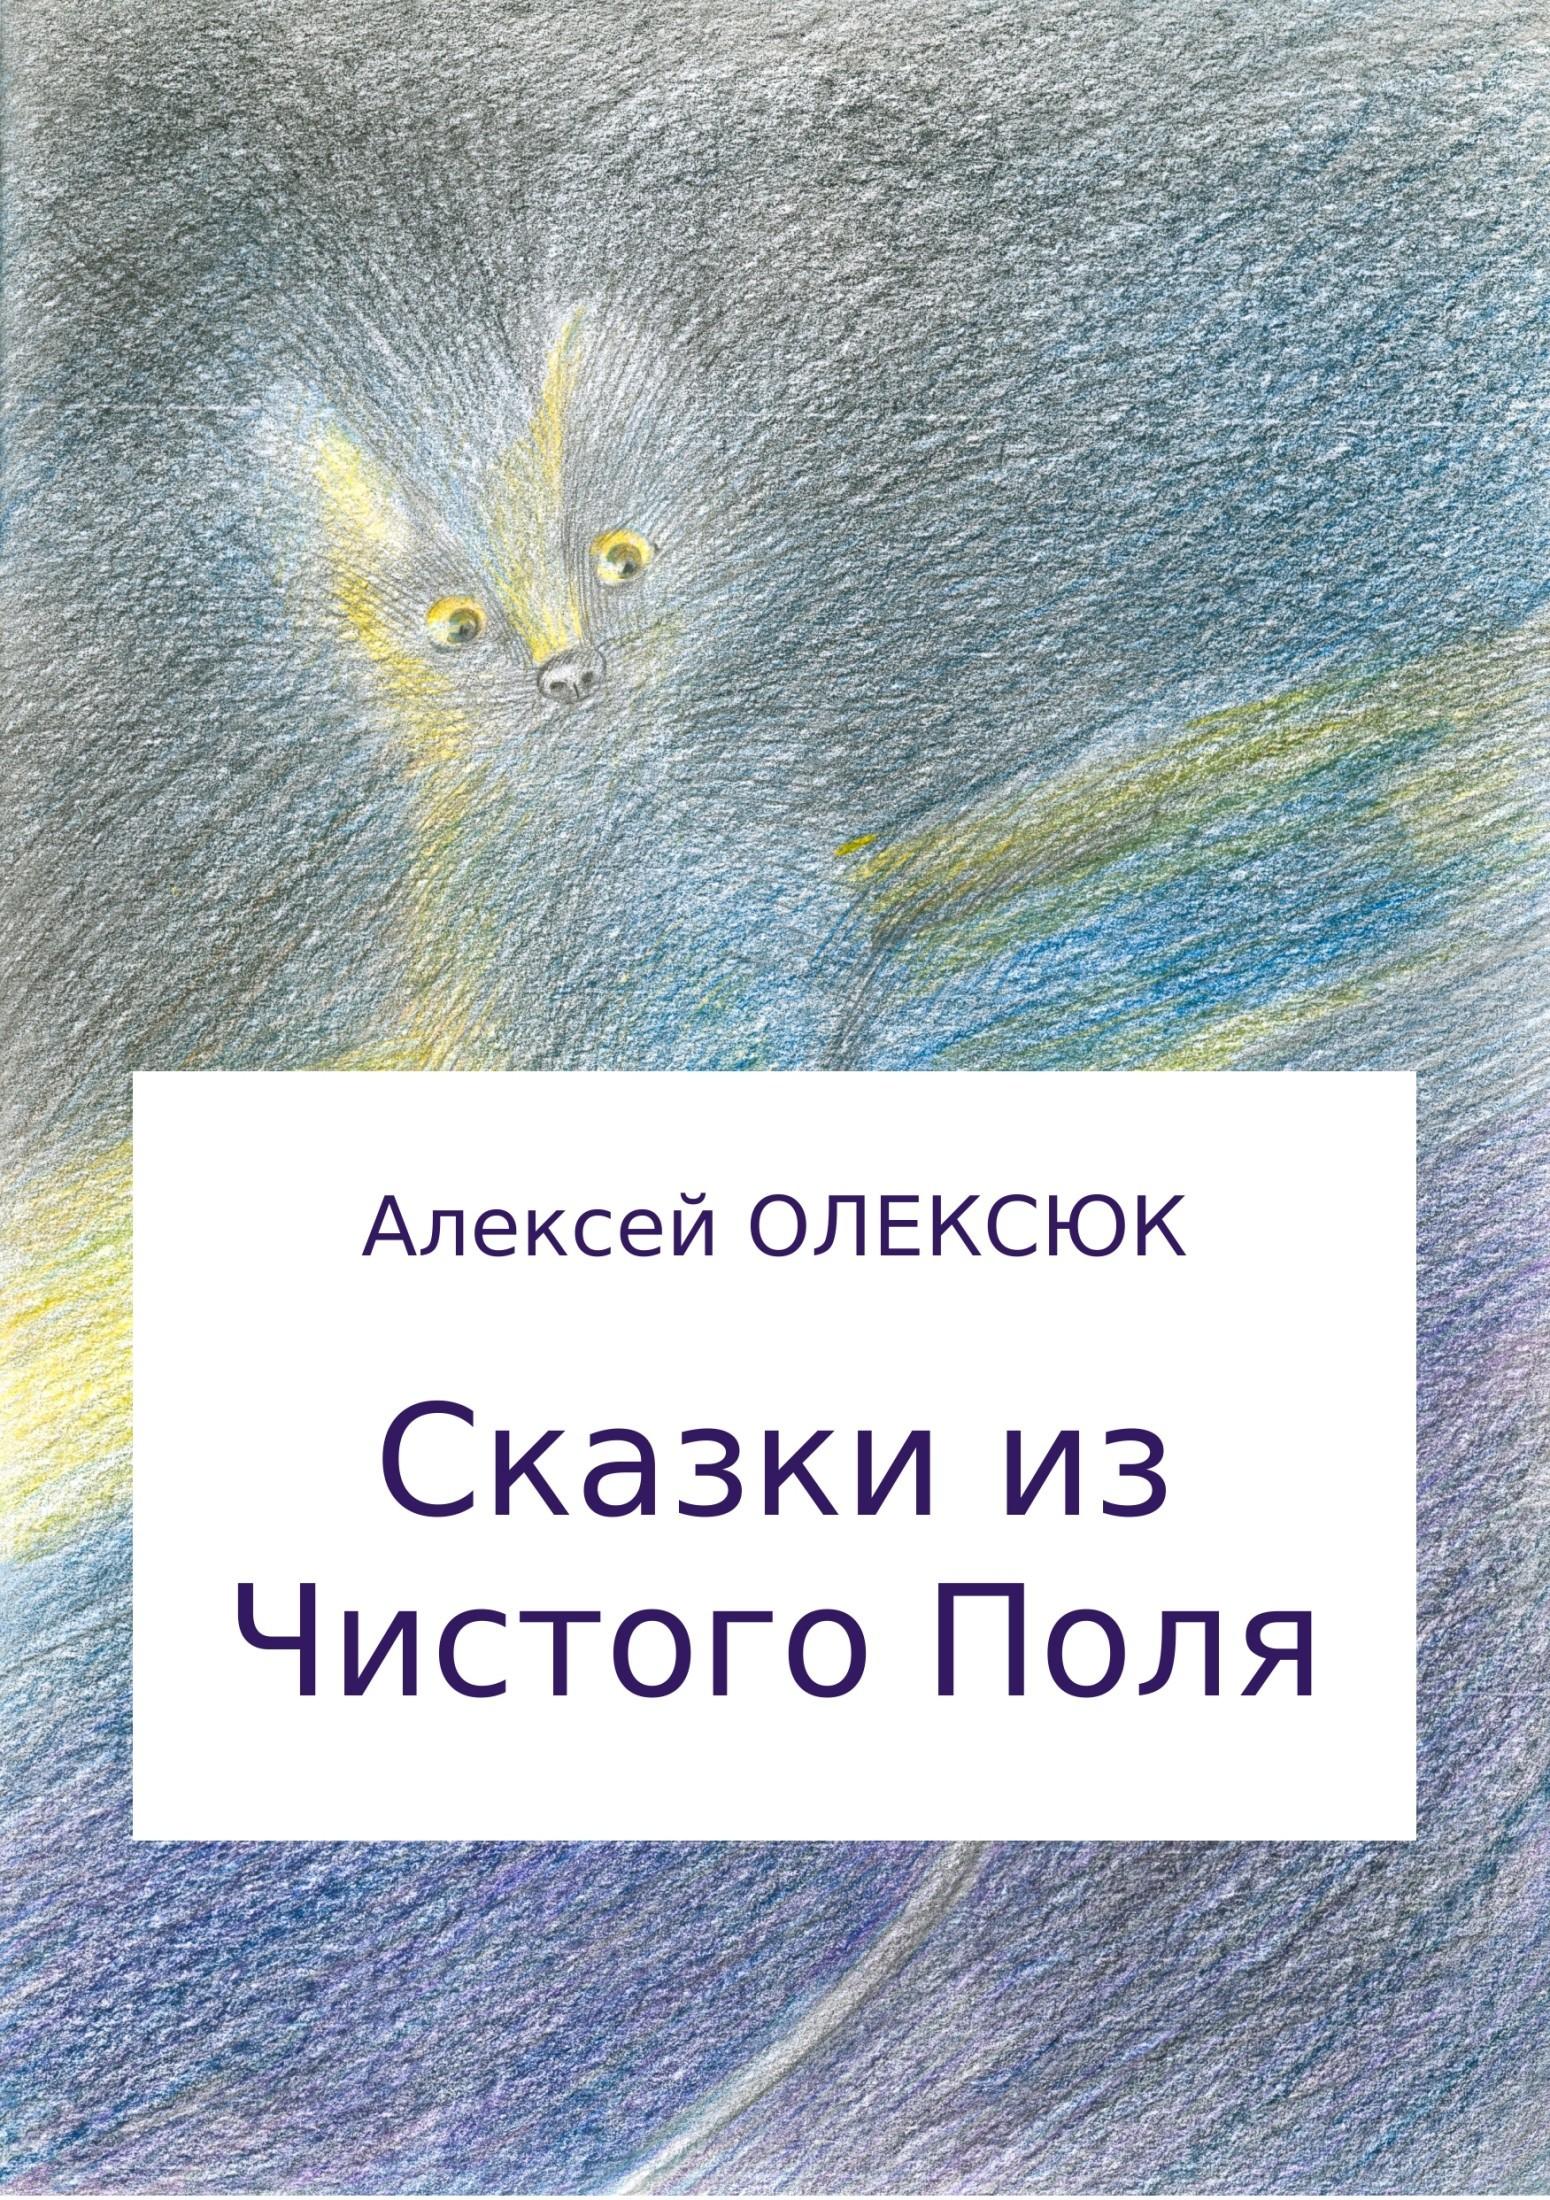 Алексей Васильевич Олексюк бесплатно